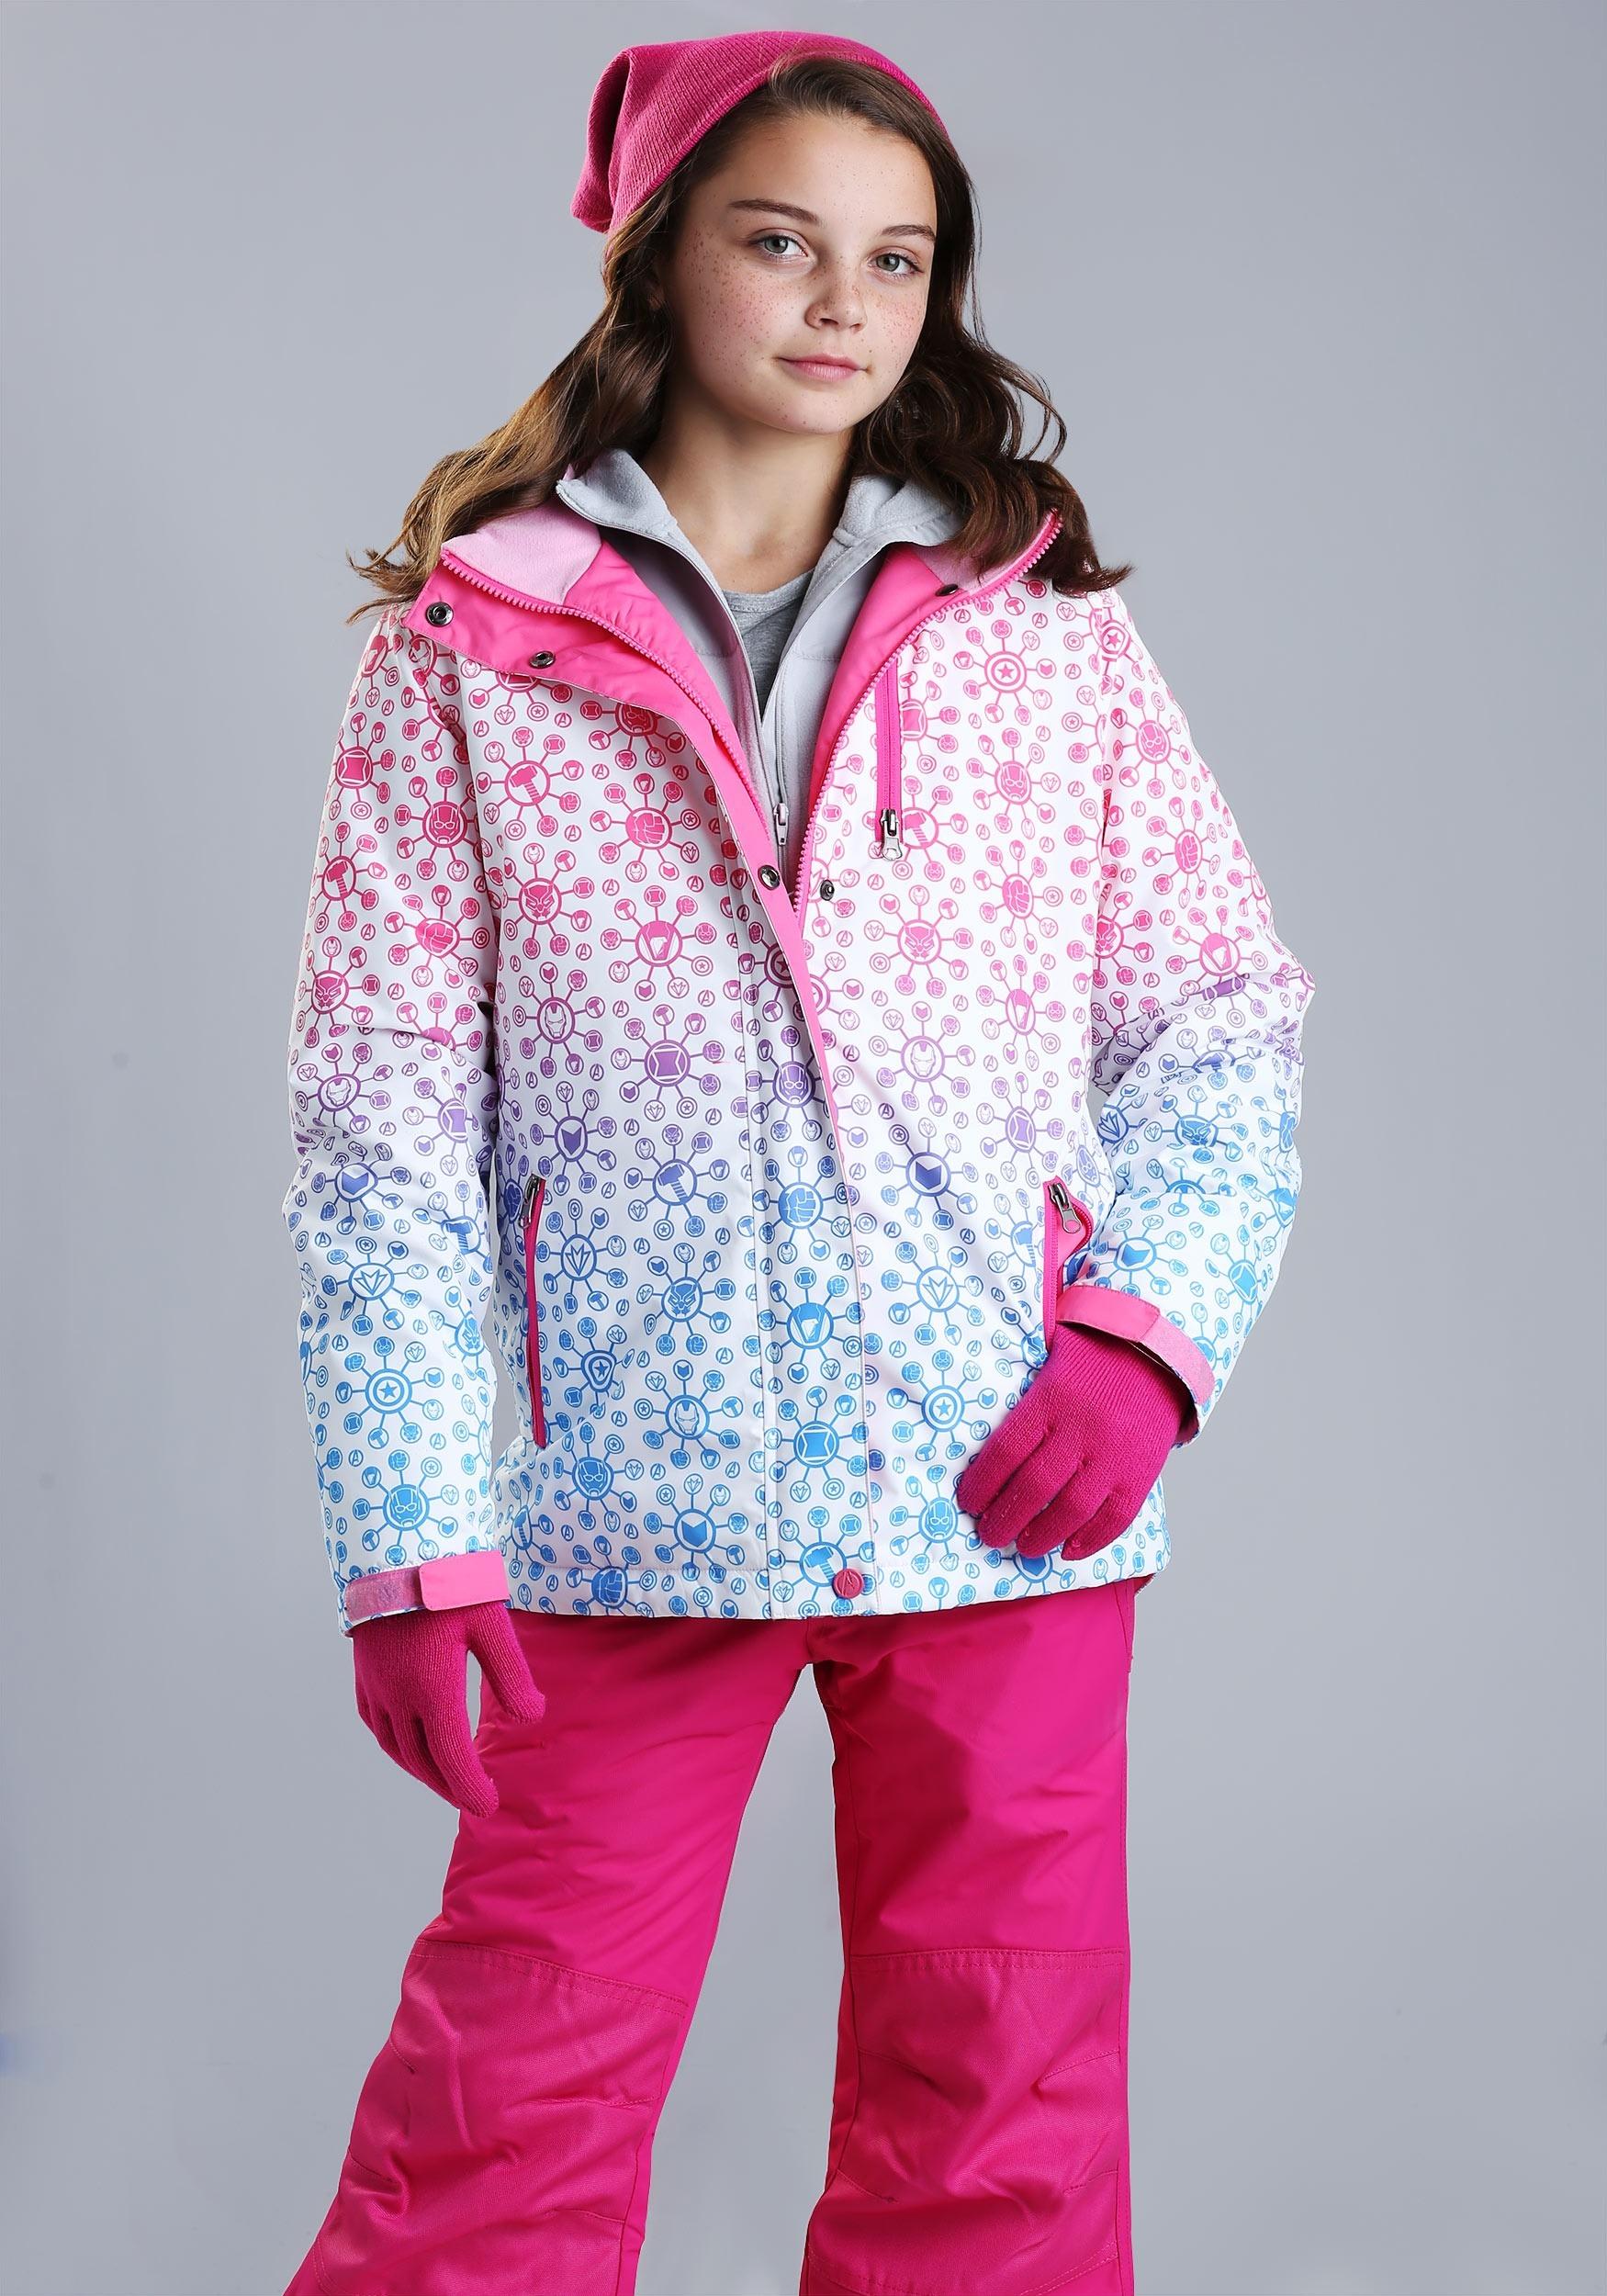 Marvel Avengers All Over Print Ski Coat for Girls